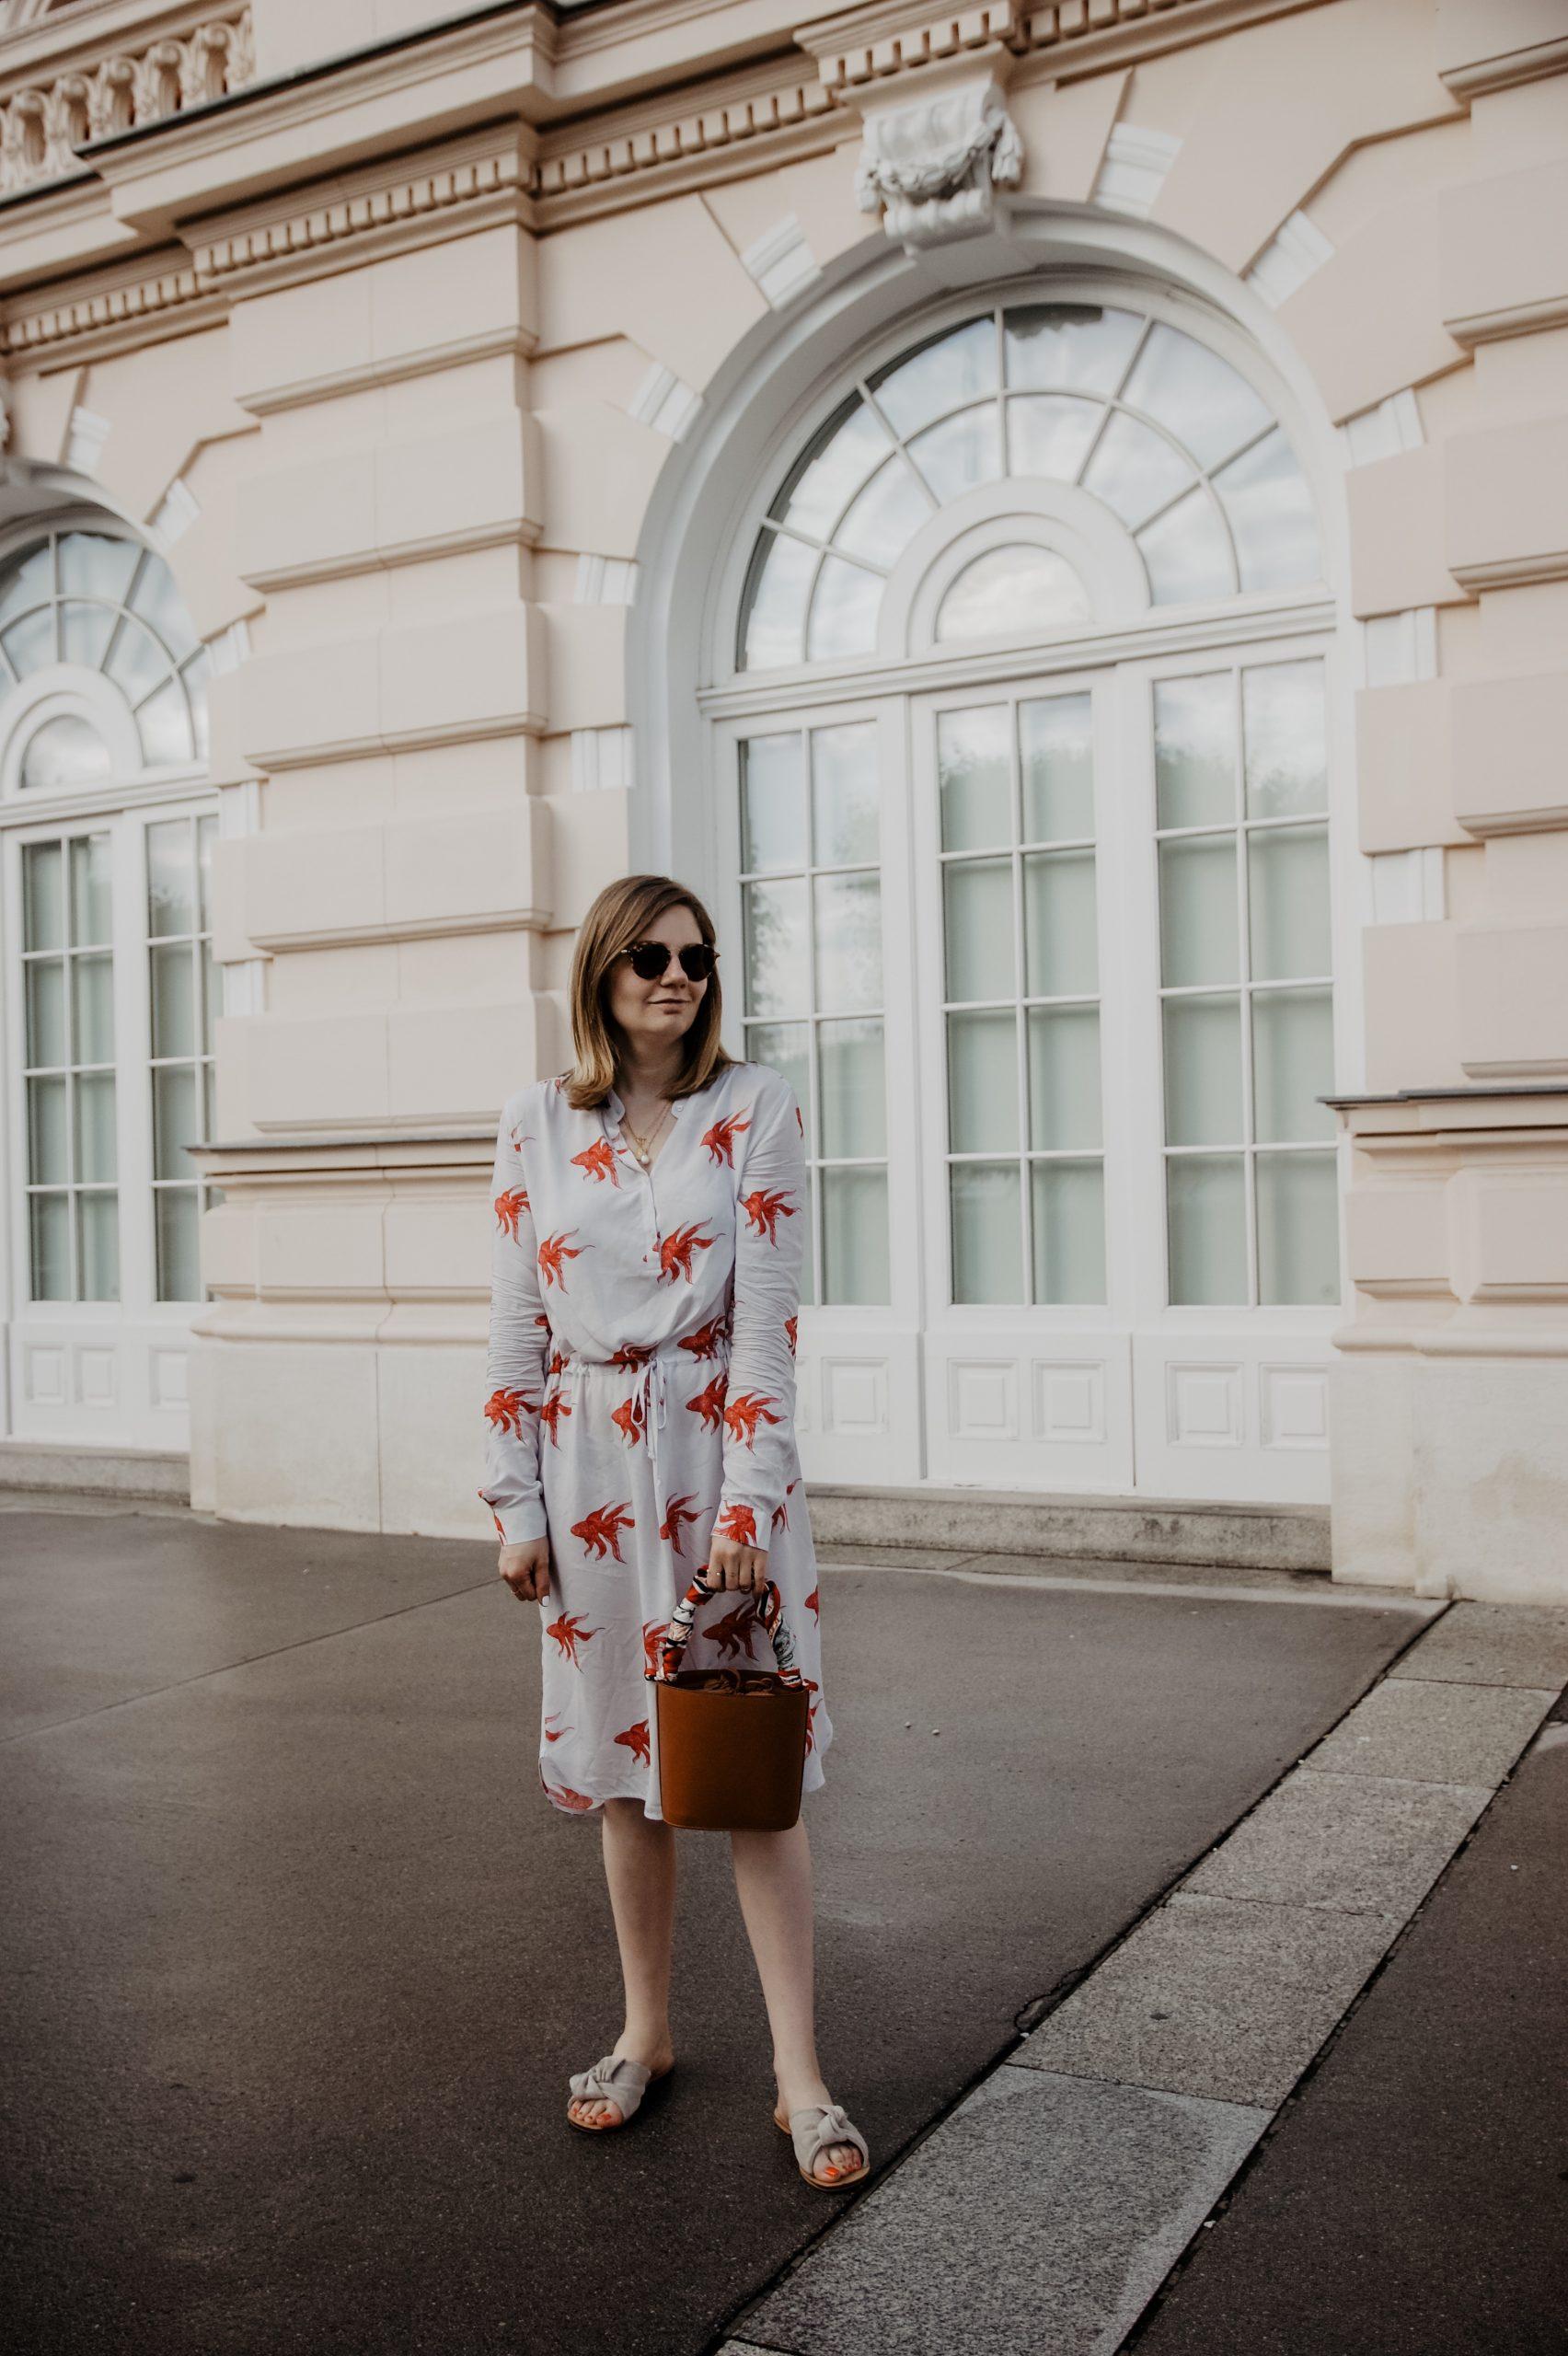 Sommerkleider mit Print kombinieren